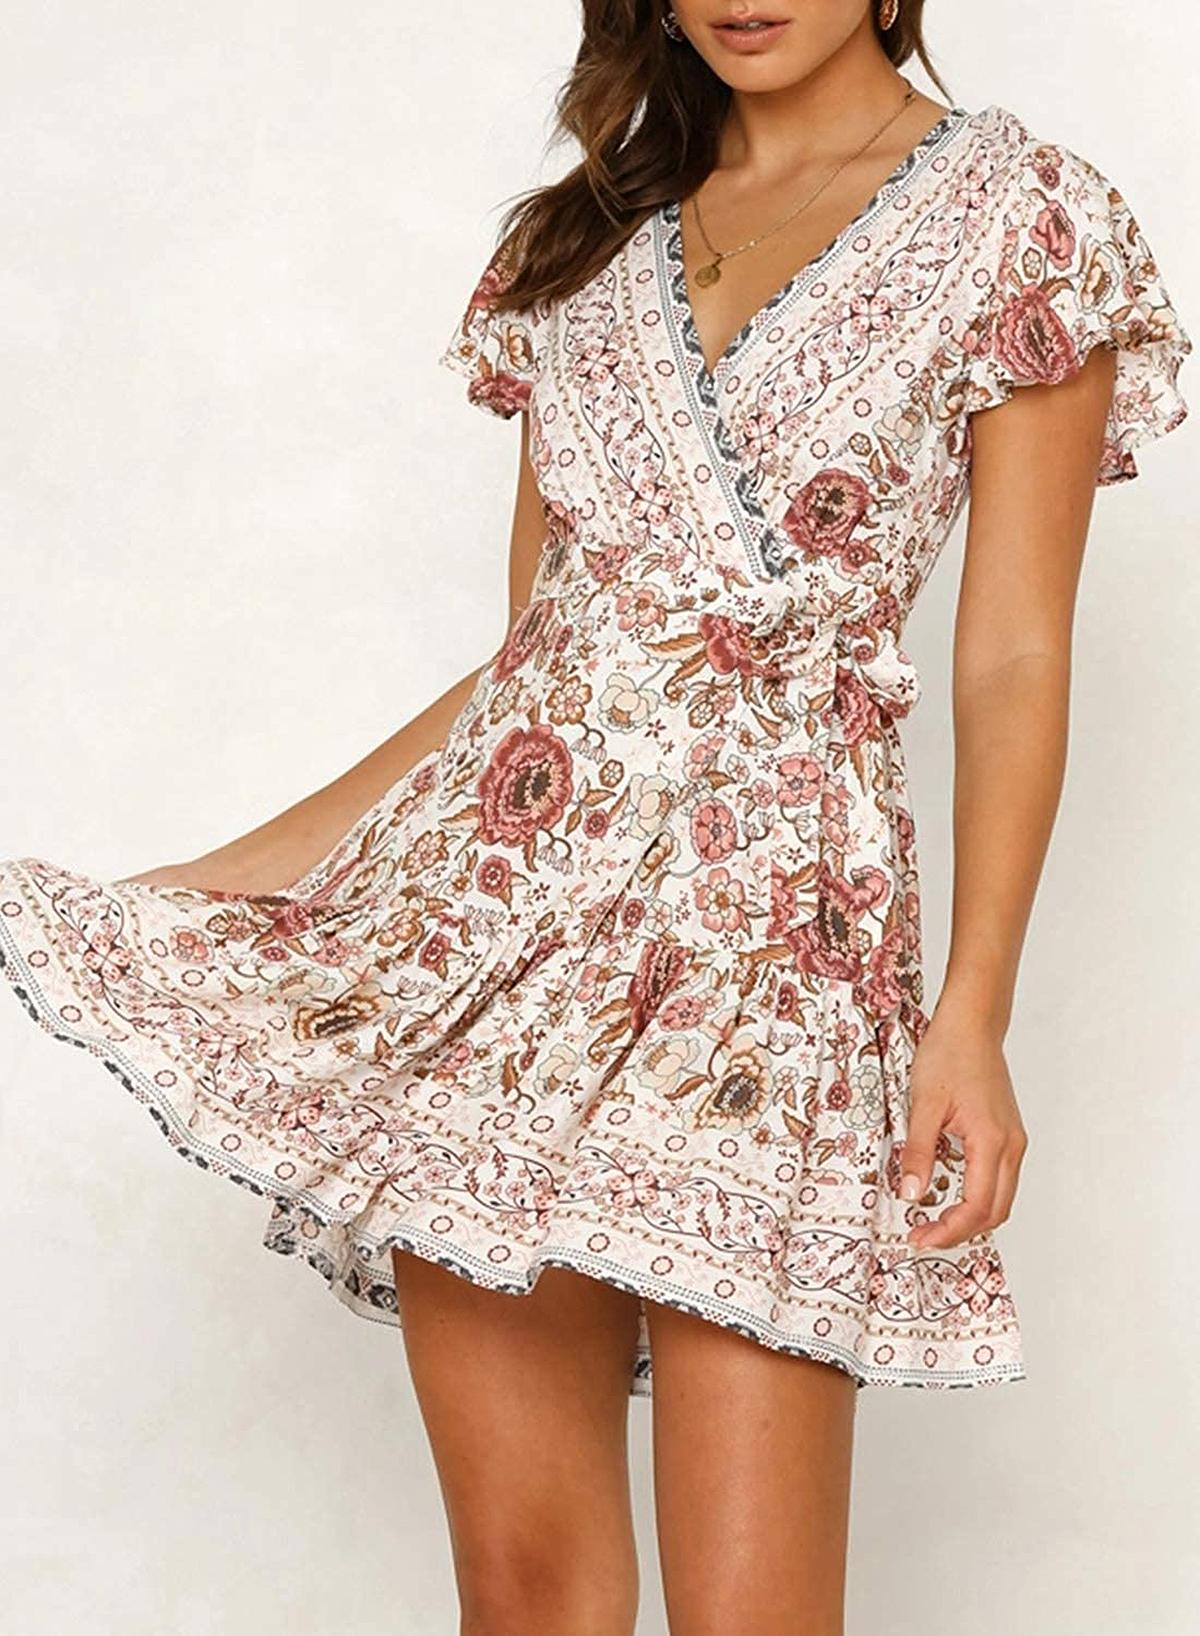 ZESICA Summer Wrap V Neck Bohemian Mini Dress